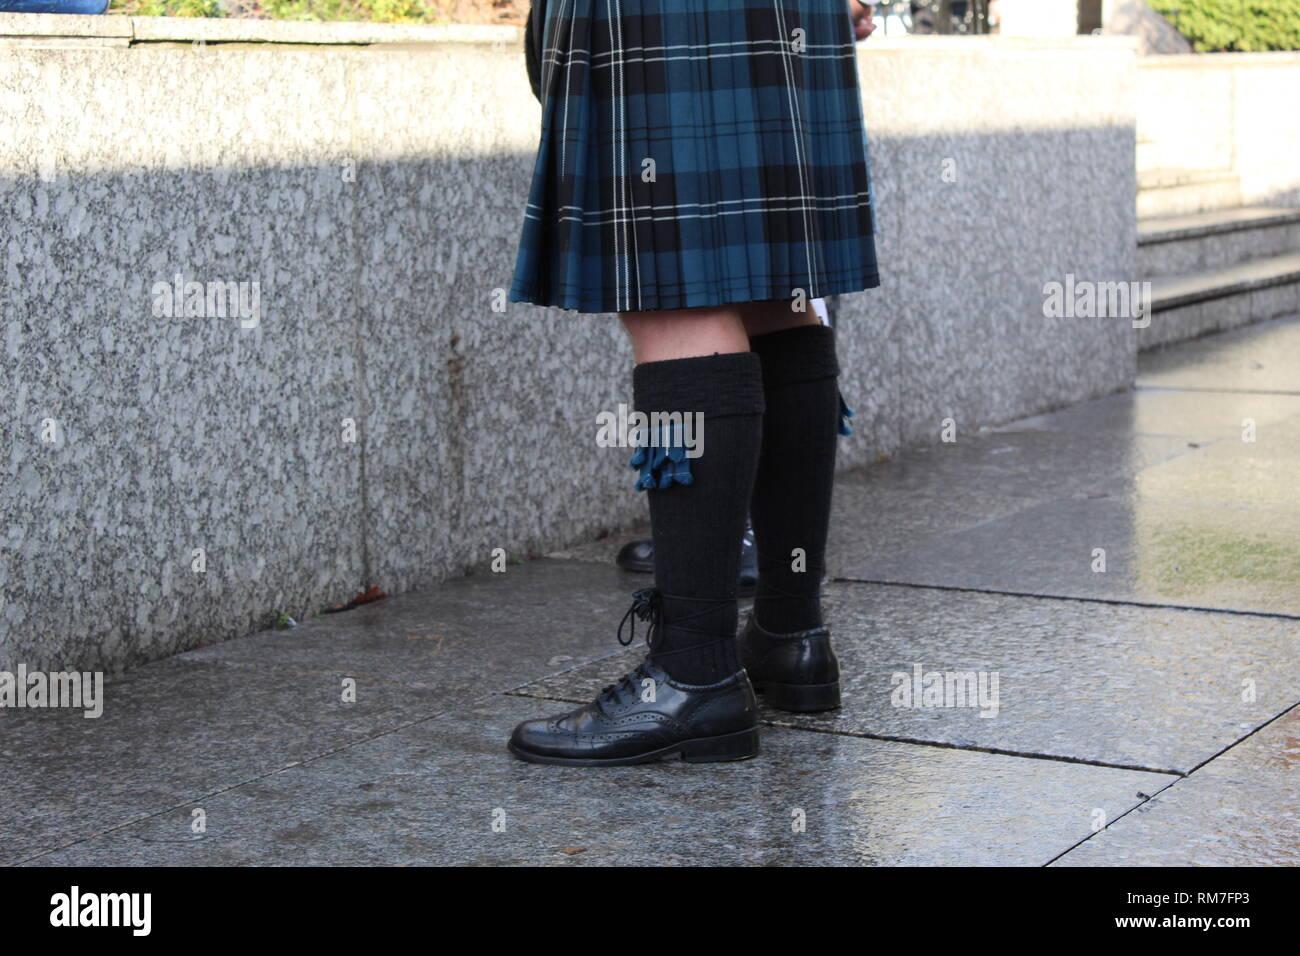 Man in Kilt in Edinburgh - Stock Image